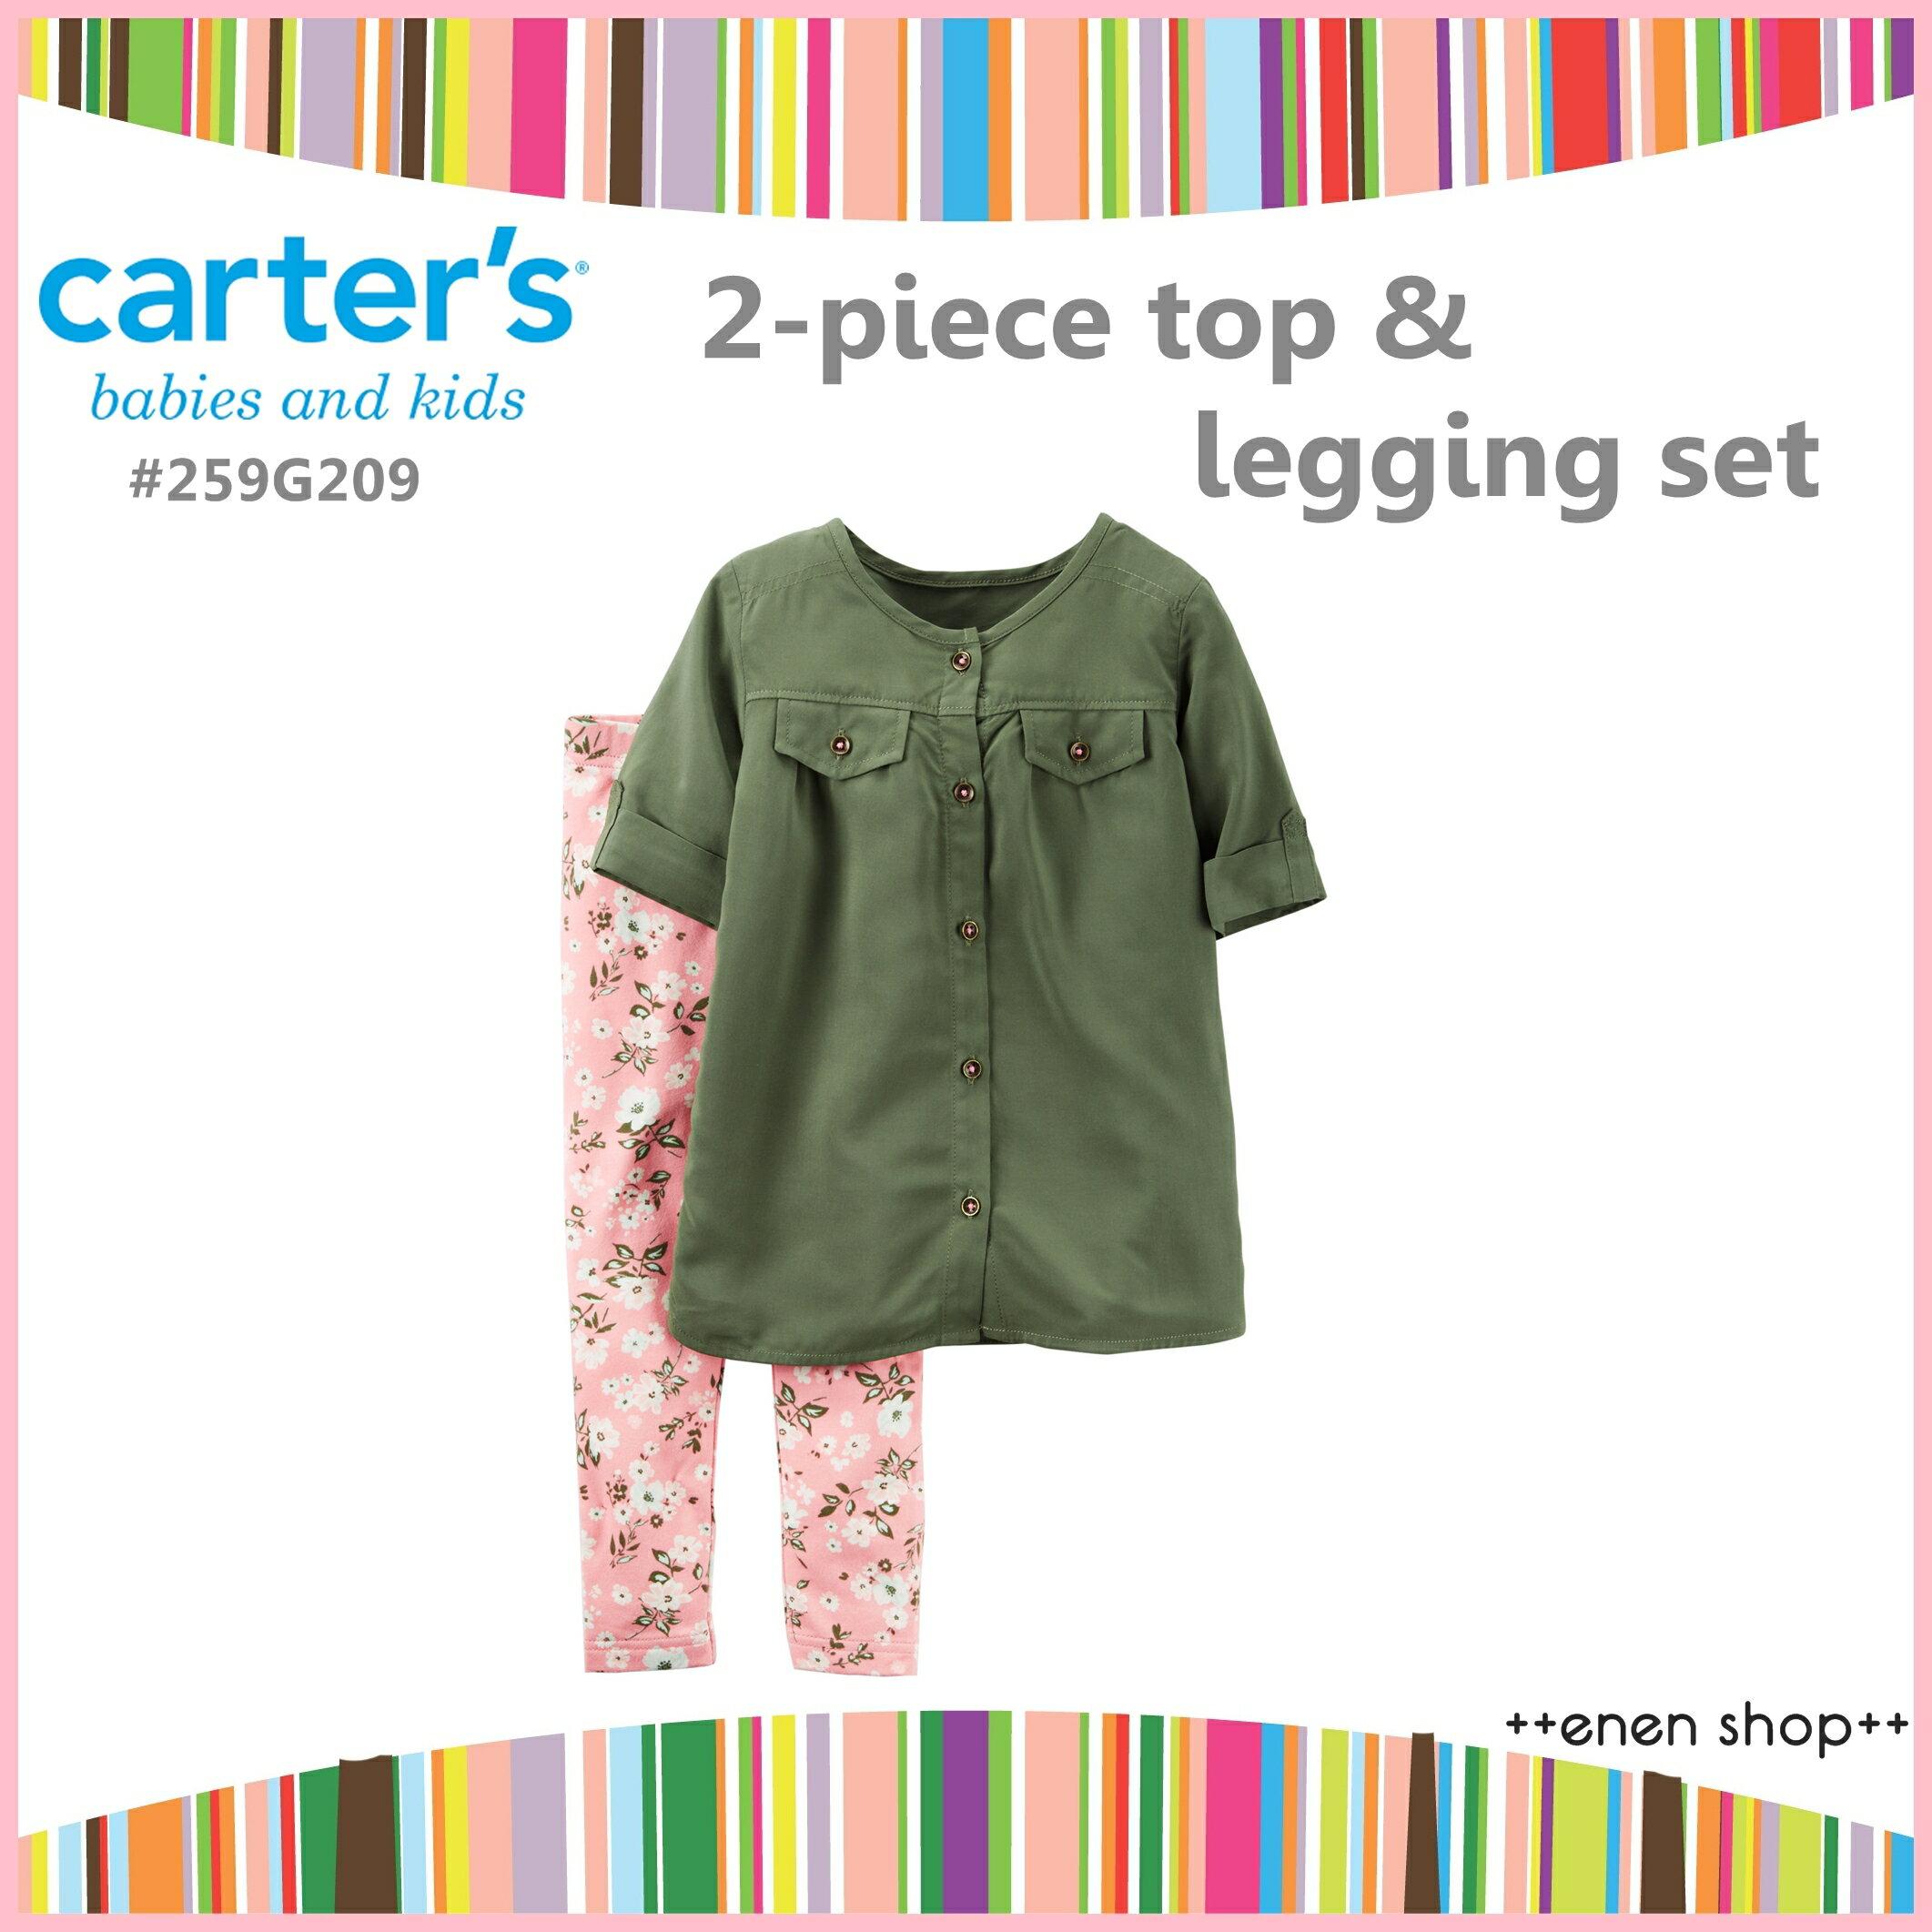 Enen Shop @Carter's 橄欖綠口袋上衣/花卉內搭褲套裝 #259G209  ∥ 2T/3T/4T